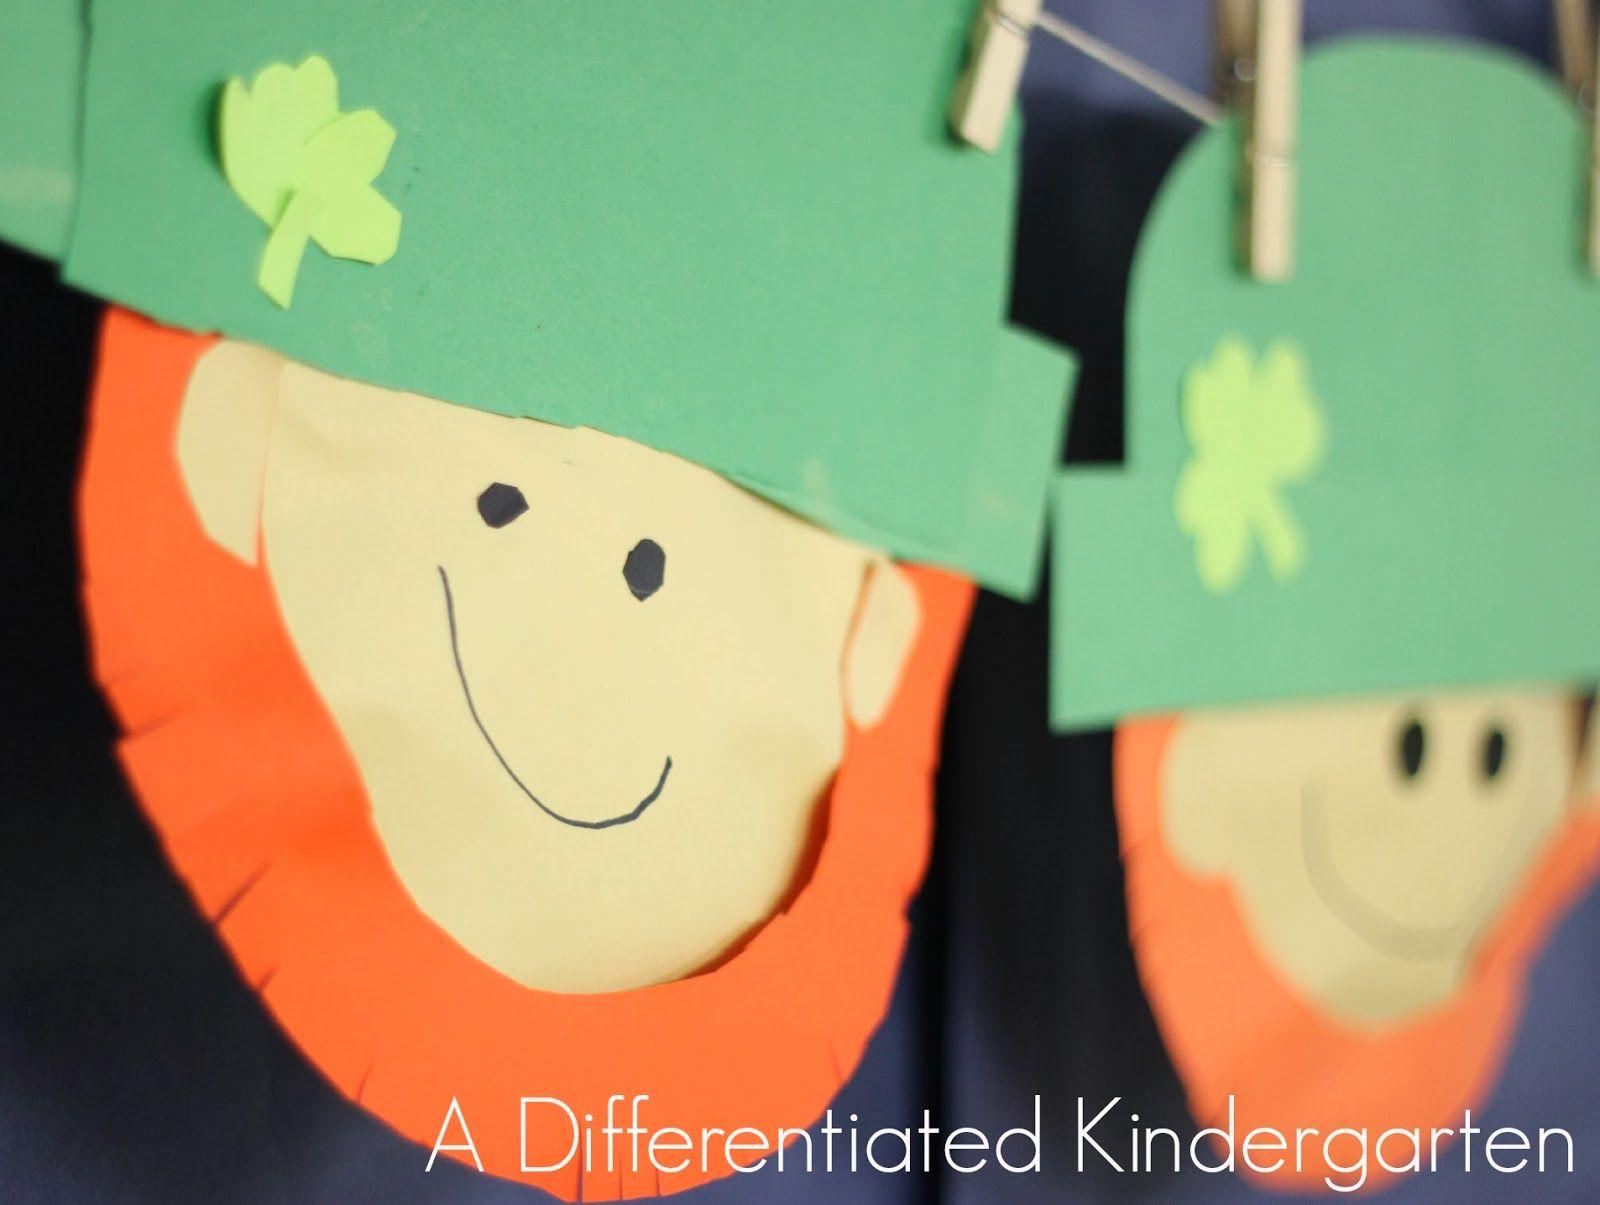 A Differentiated Kindergarten Differentiated Kindergartens Leprechaun Shenanigans Begin